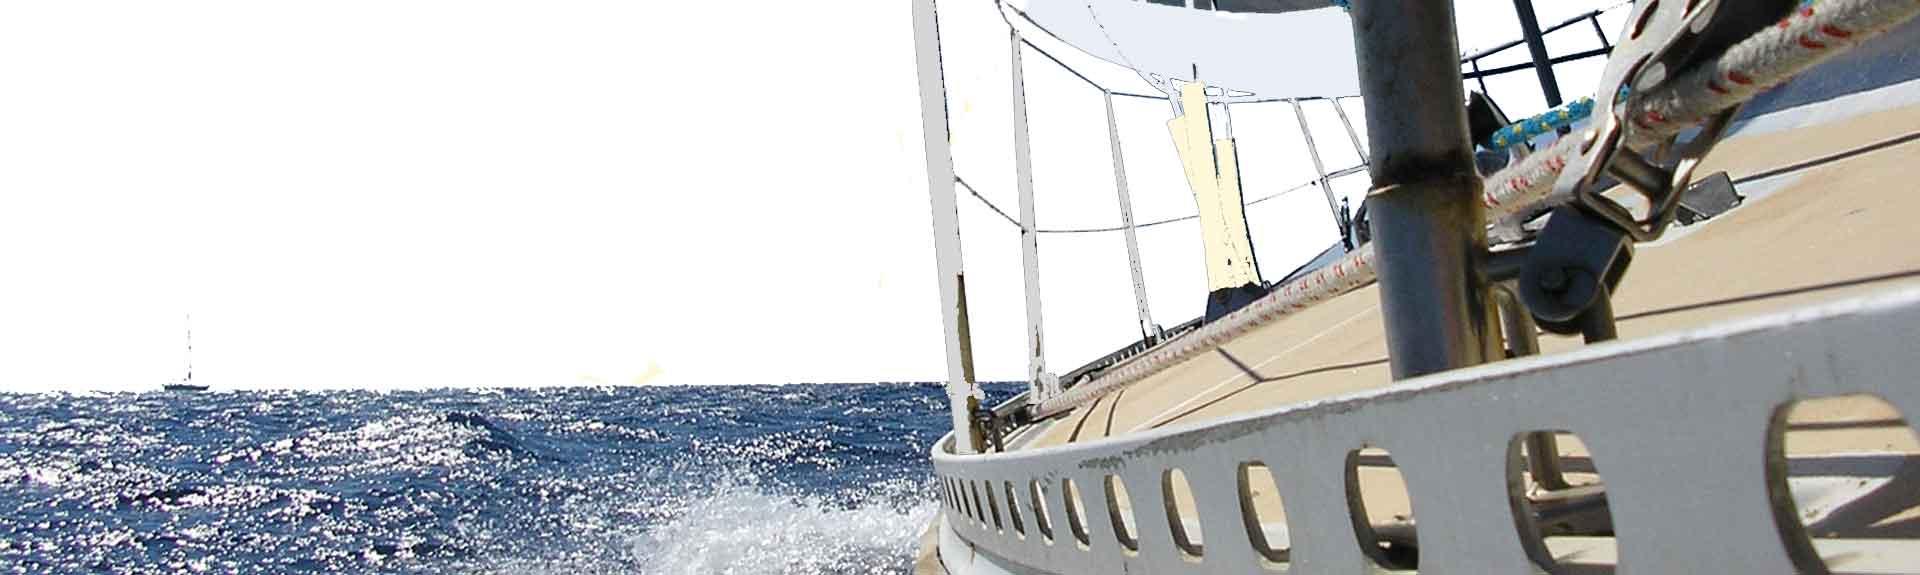 Alquiler de barcos en Grecia. La Maga3